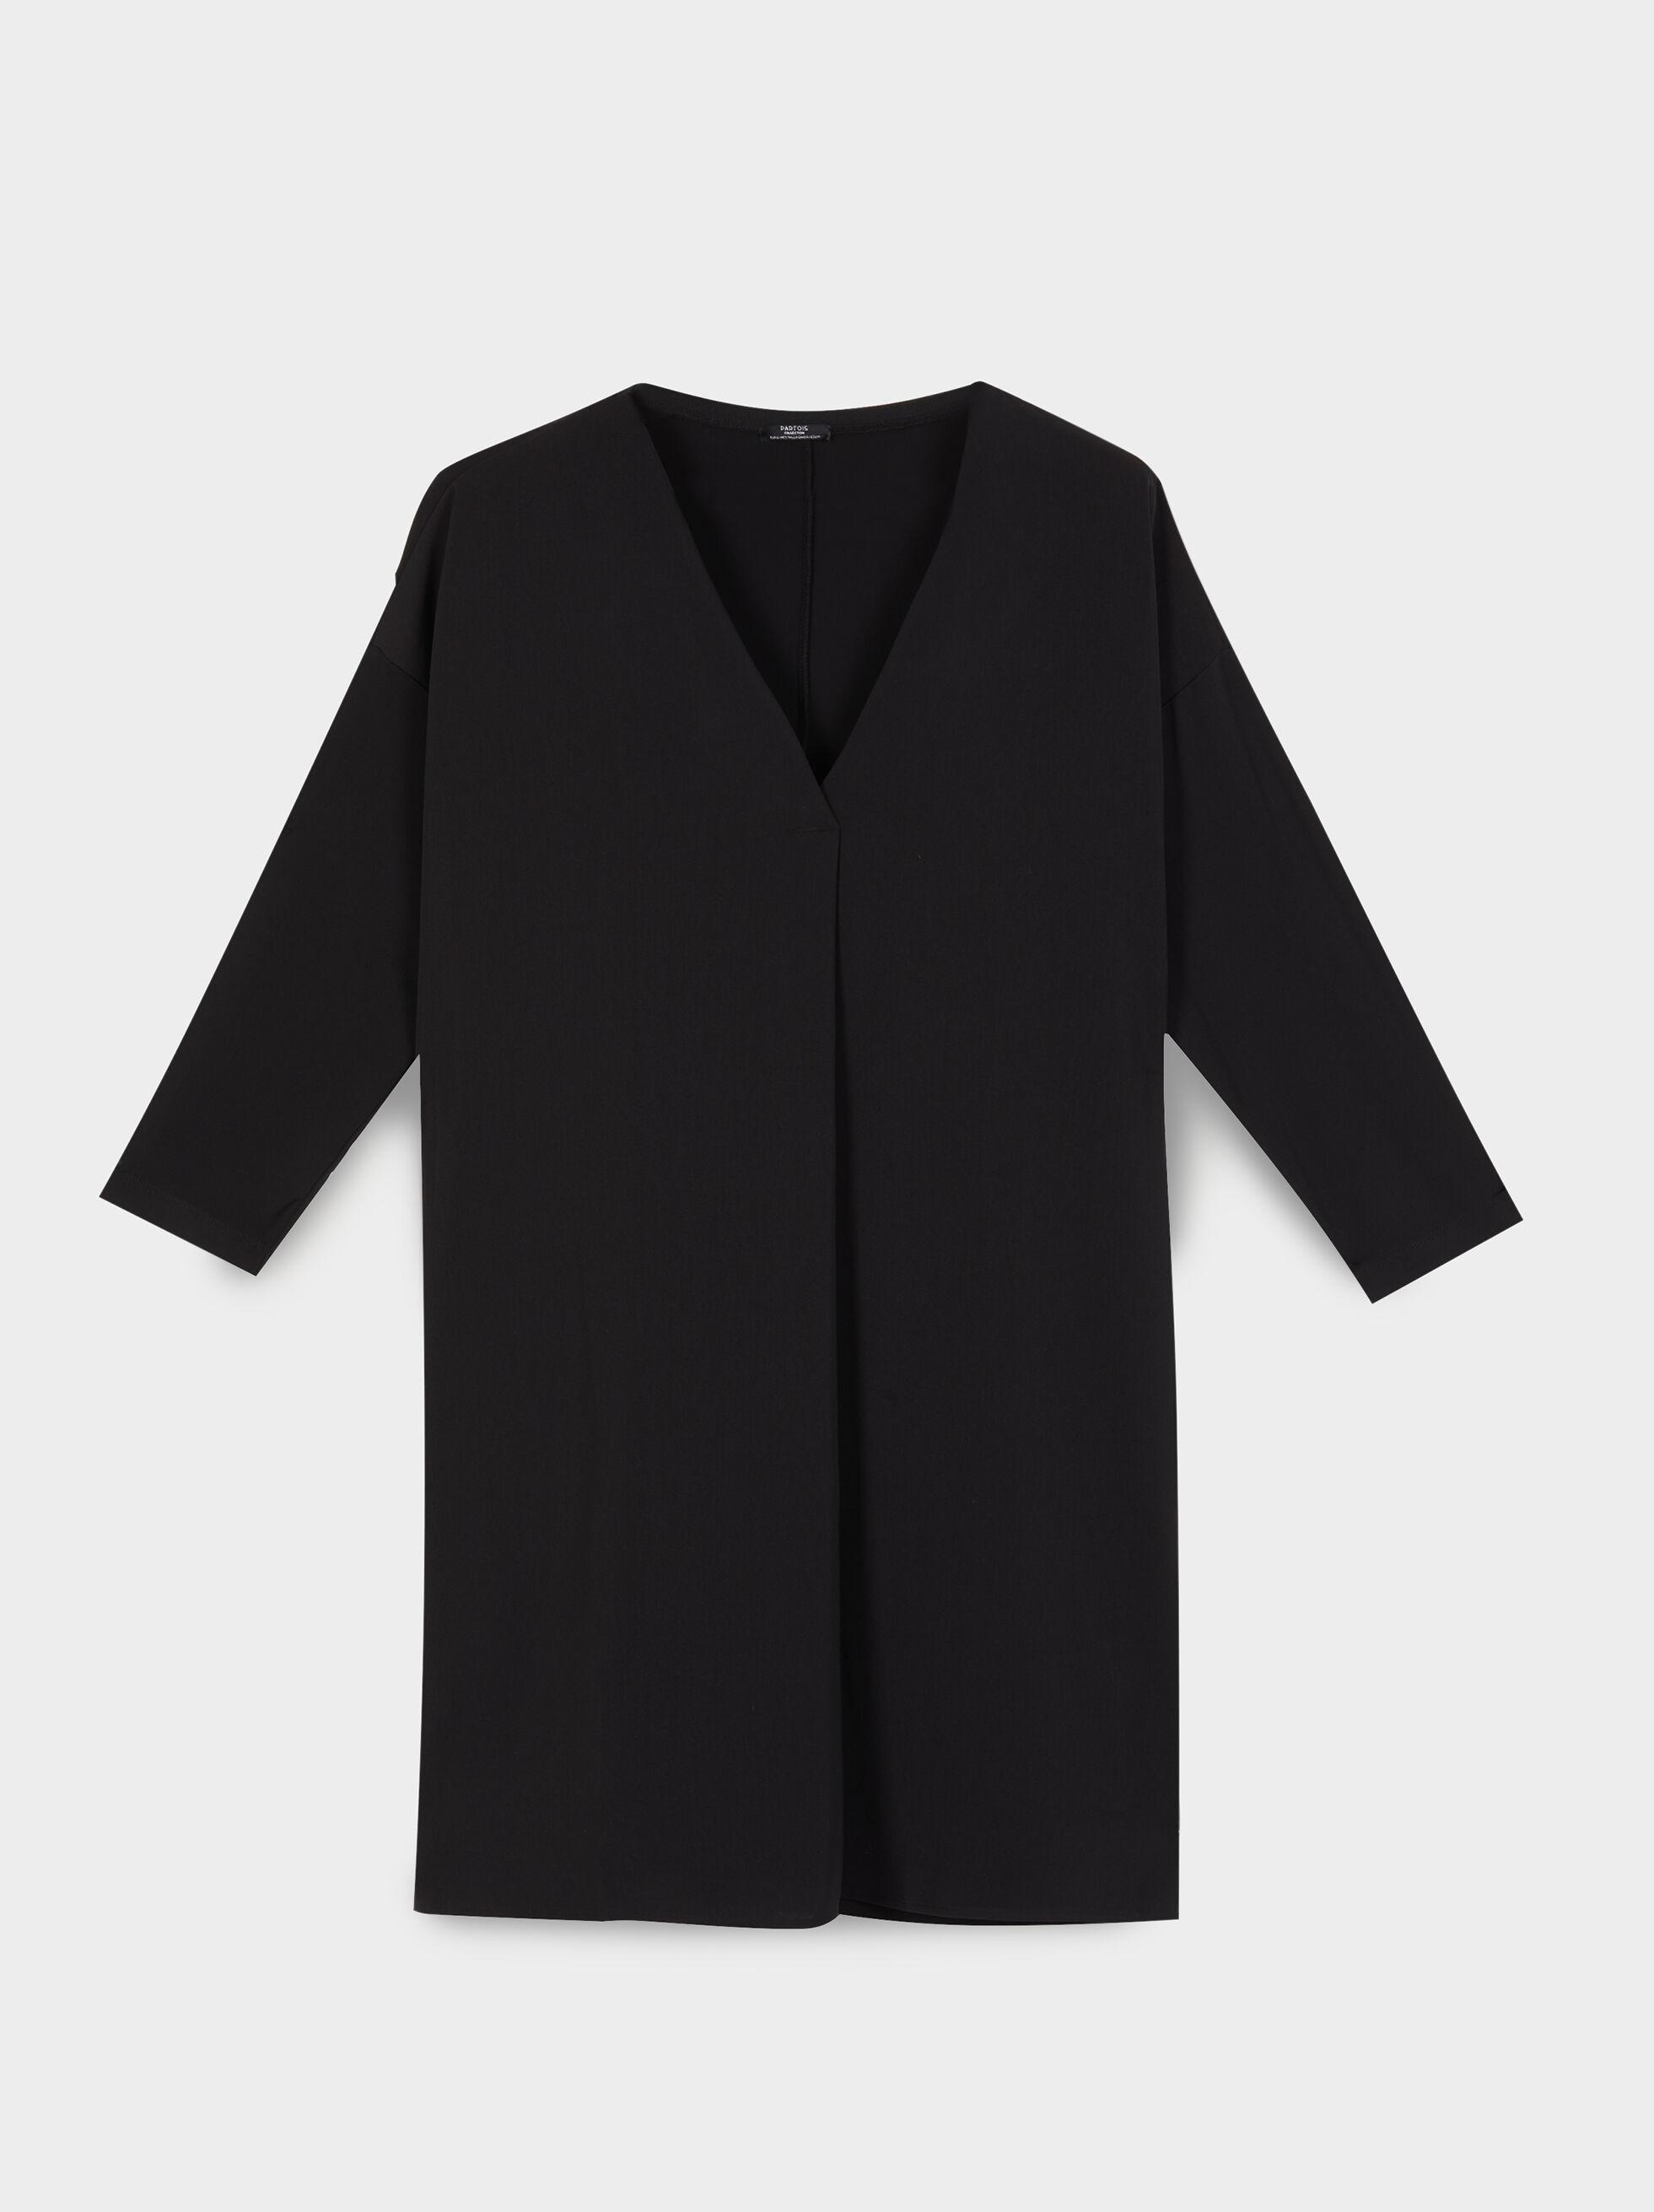 Dress With V-Neckline, Black, hi-res